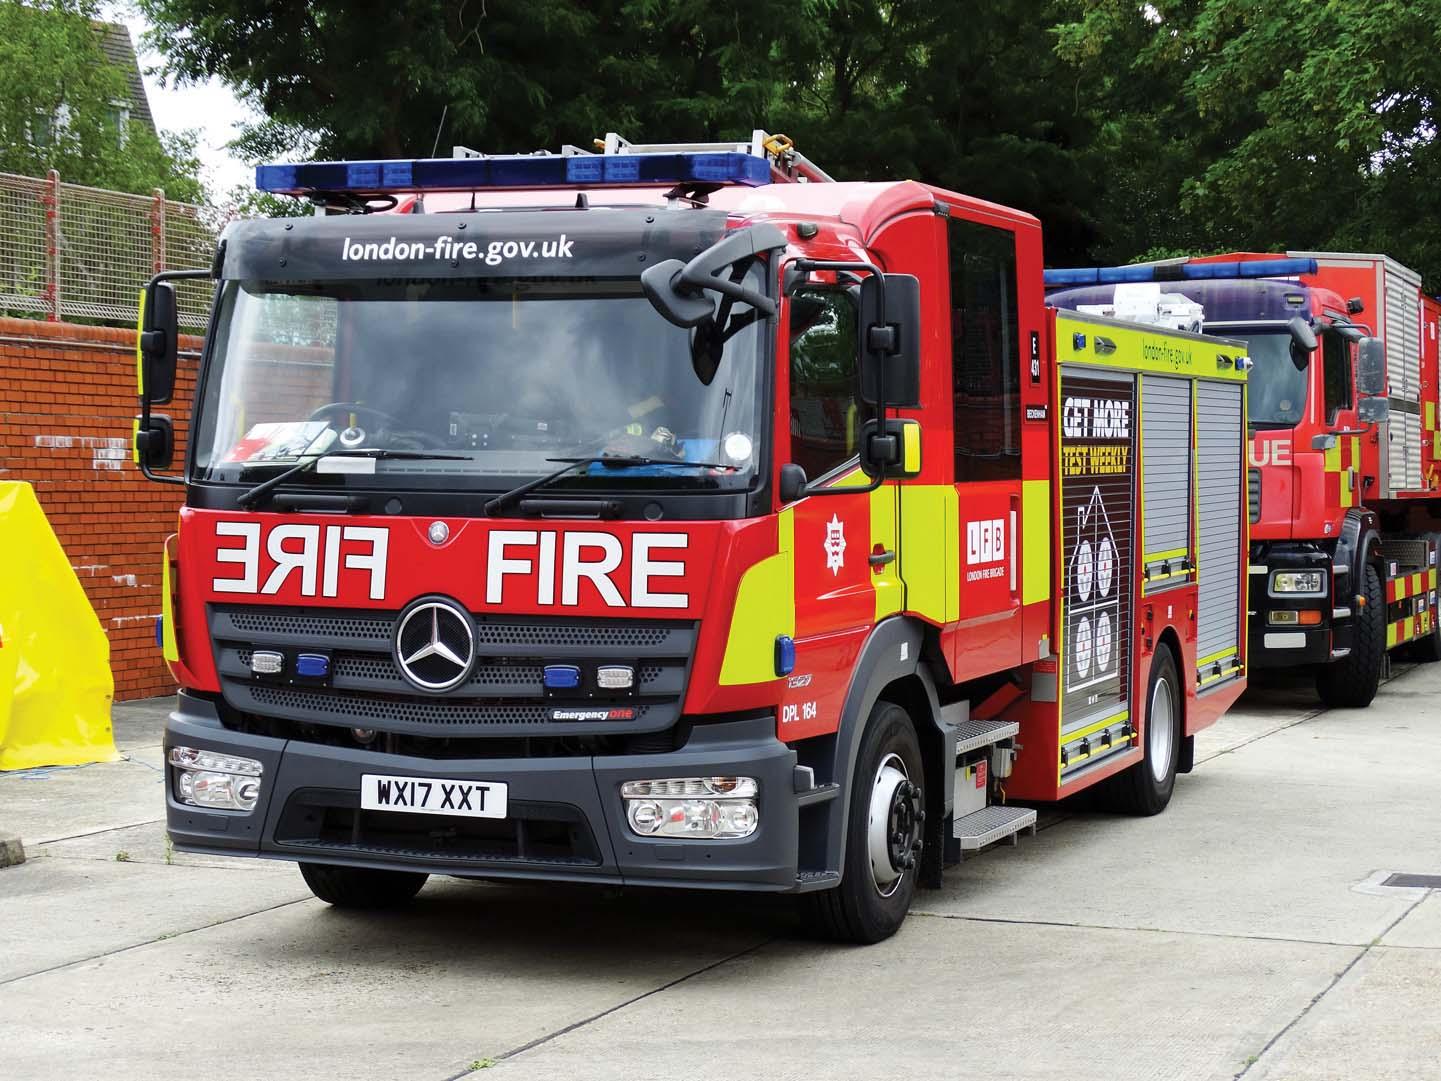 London Fire Brigade sceglie Allison per reattività e affidabilità